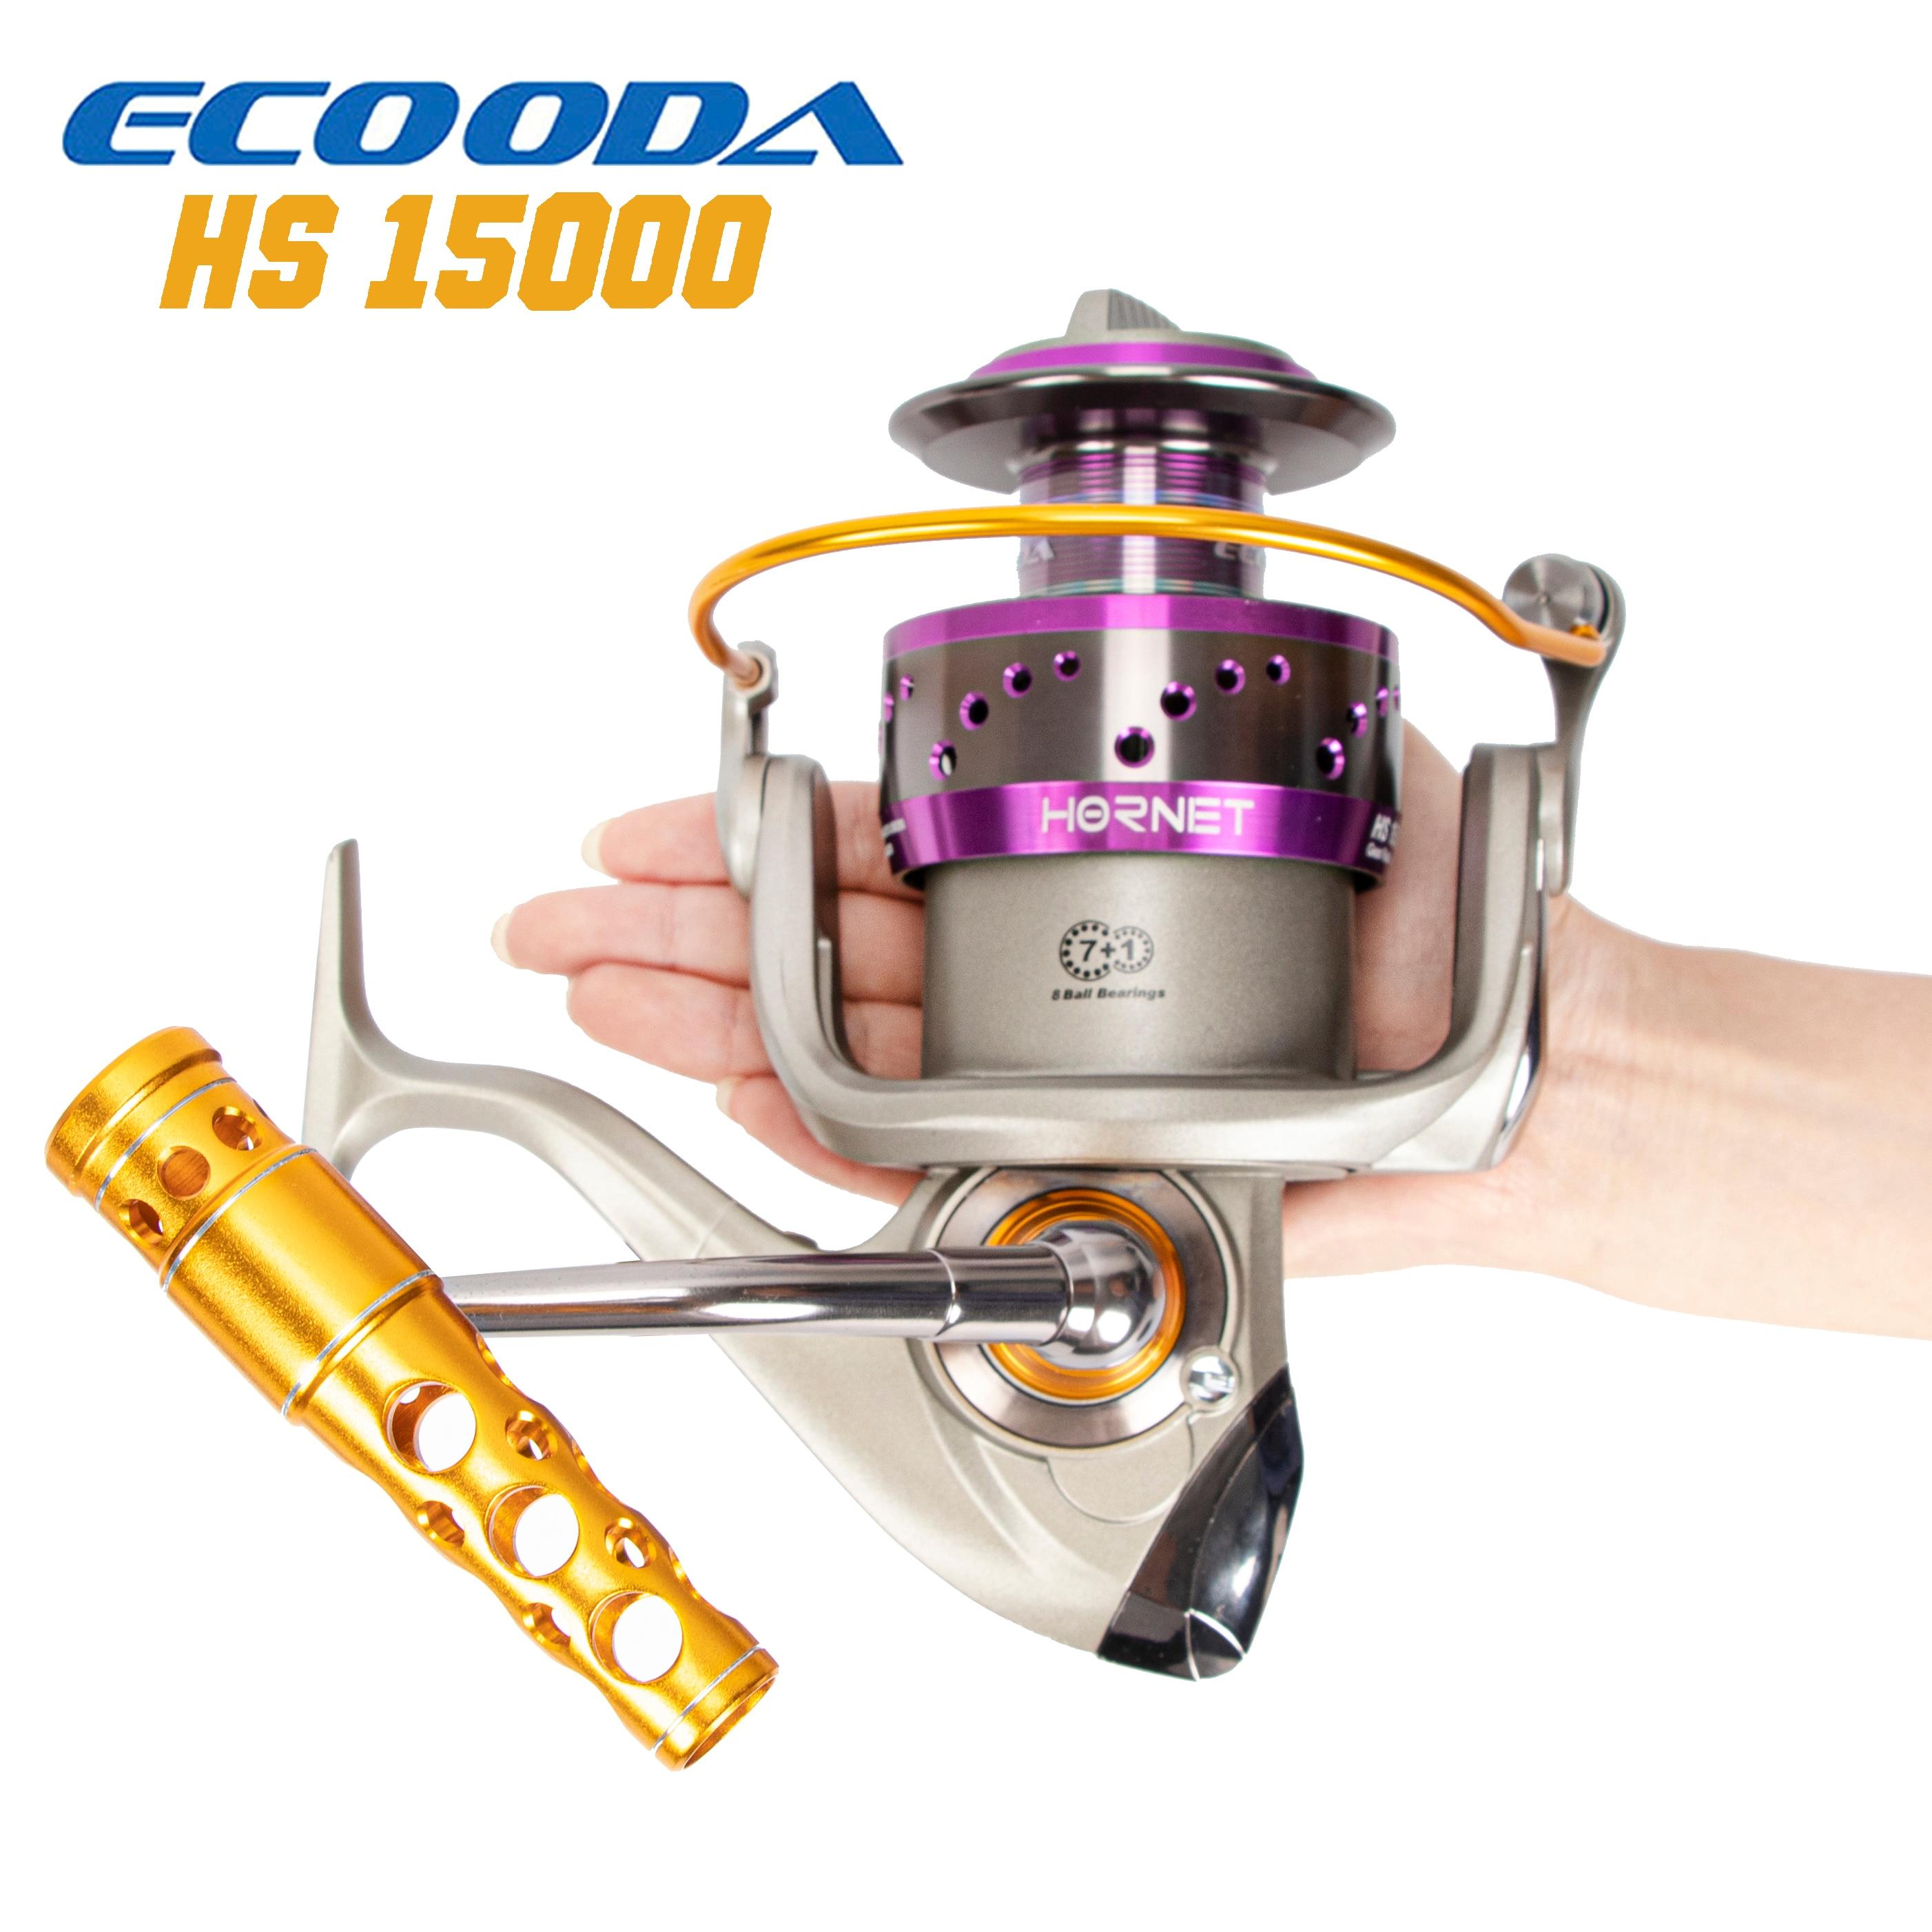 ECOODA 2019 NEW Hornet 15000 Heavy Duty Metal Spinning Fishing Reels Saltwater Boat Rock Trolling Jigging